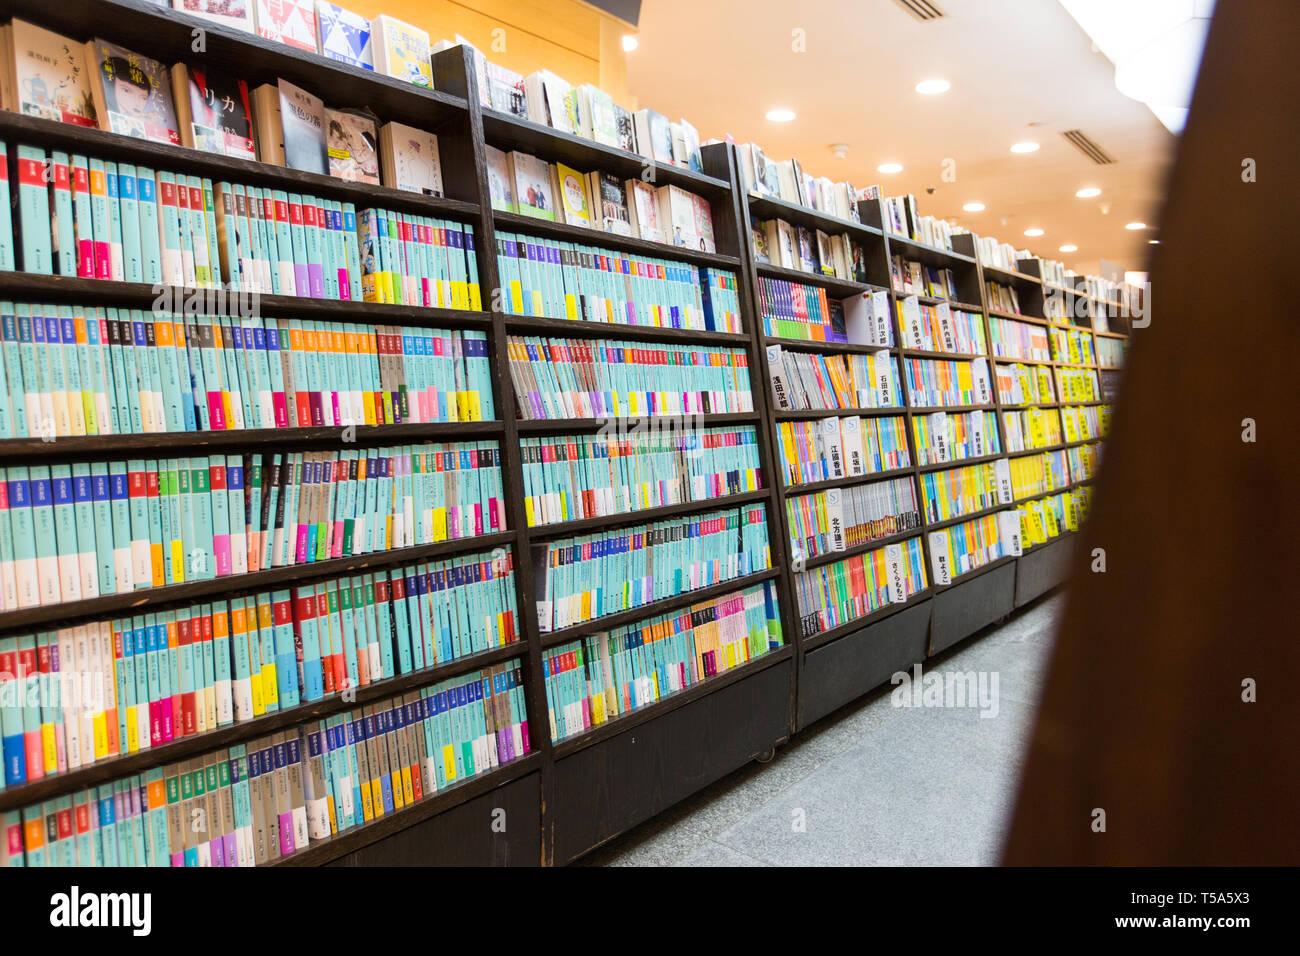 La lecture de livres japonais exposent bien sur l'ensemble de la rangée d'étagères avec ambiance chaleureuse condition d'éclairage. Photo Stock